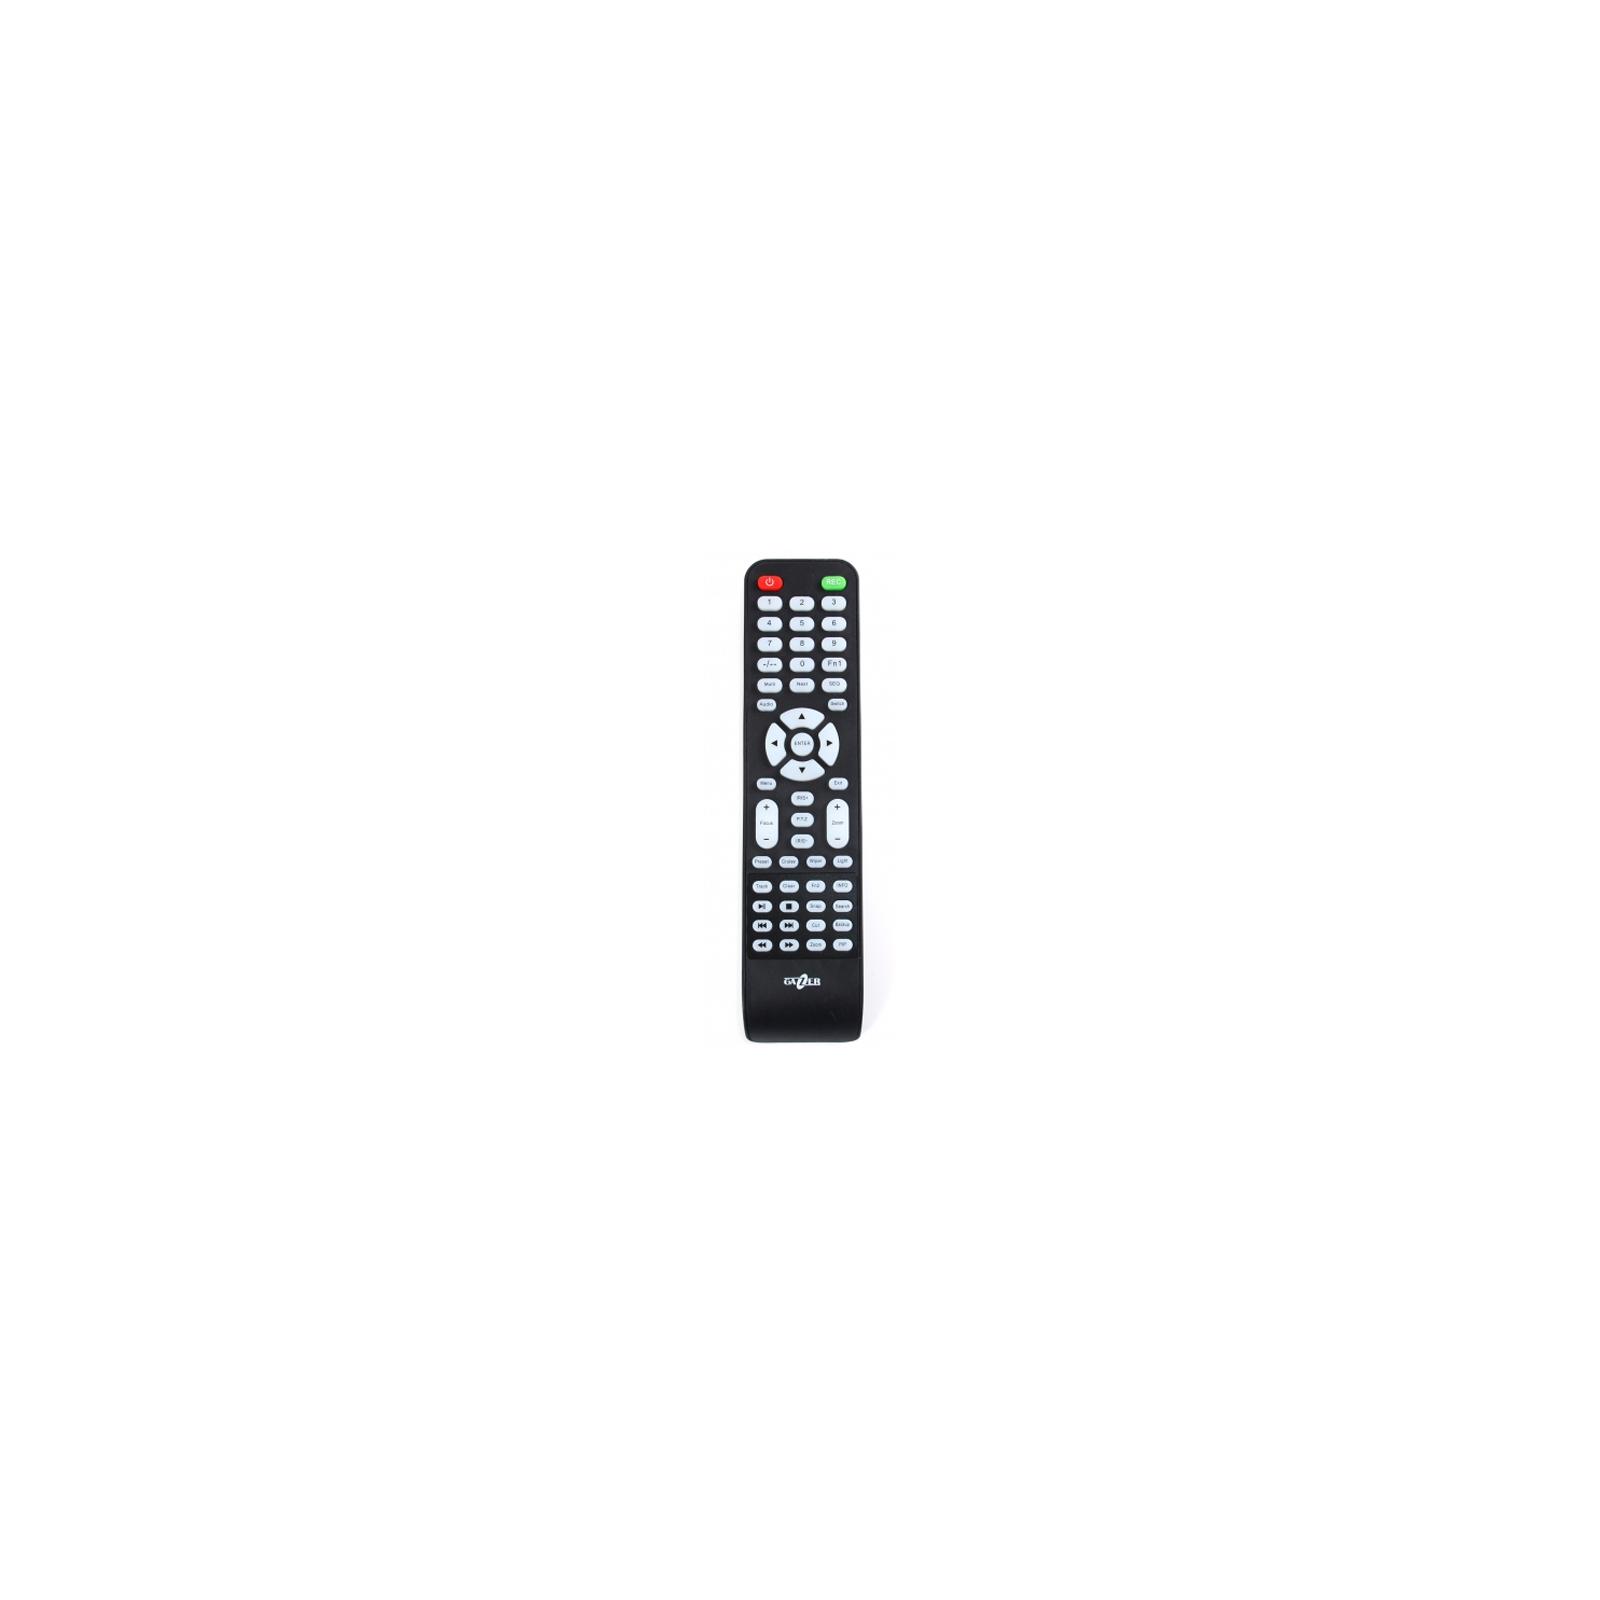 Регистратор для видеонаблюдения Gazer NI404m изображение 4